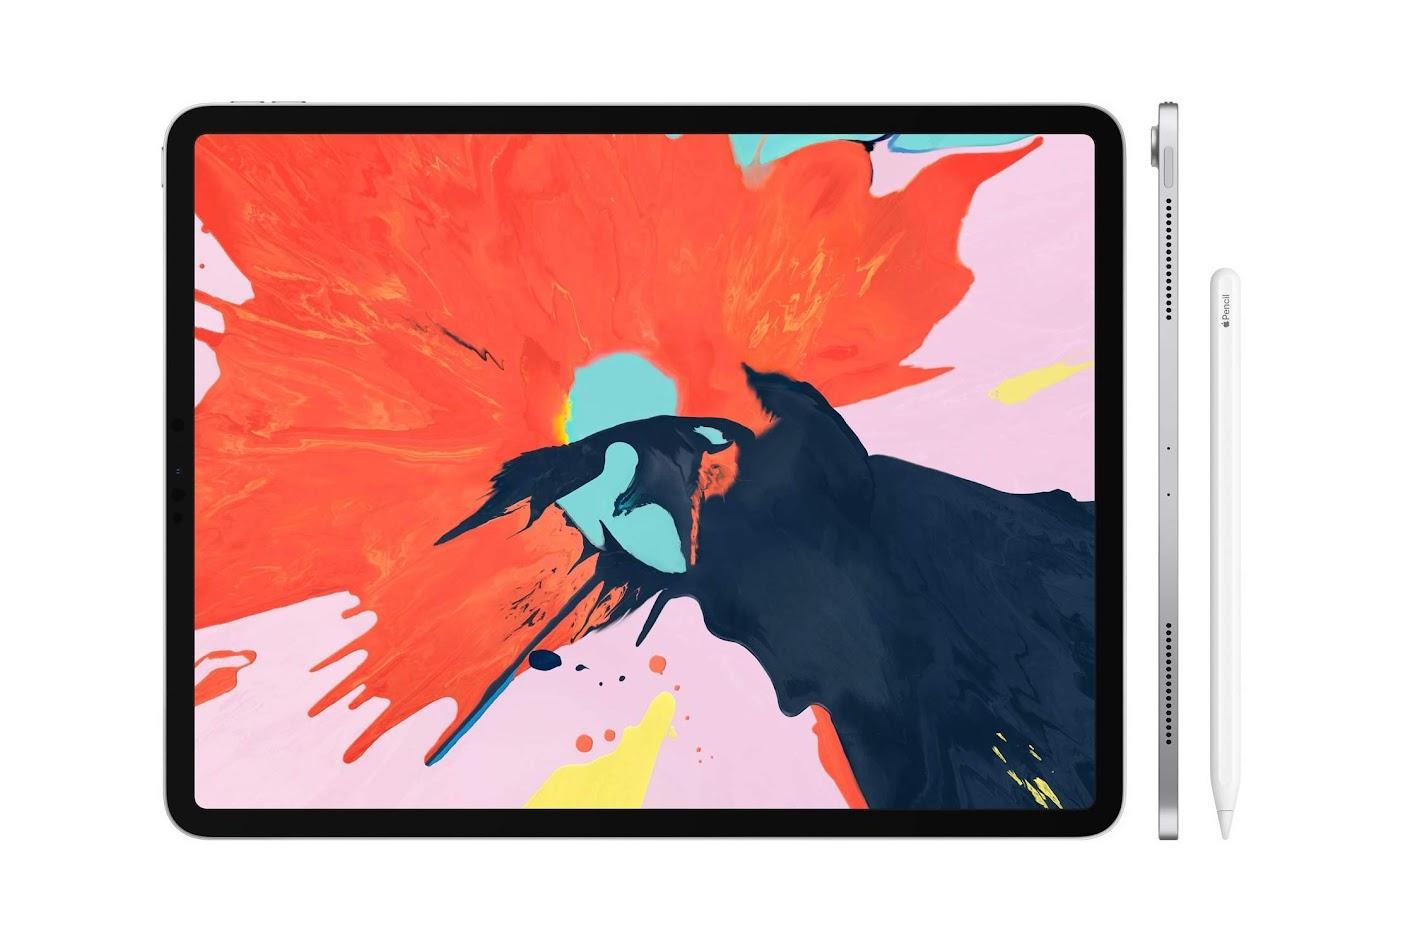 スタイリッシュな新型iPad Proはもはやノートパソコン